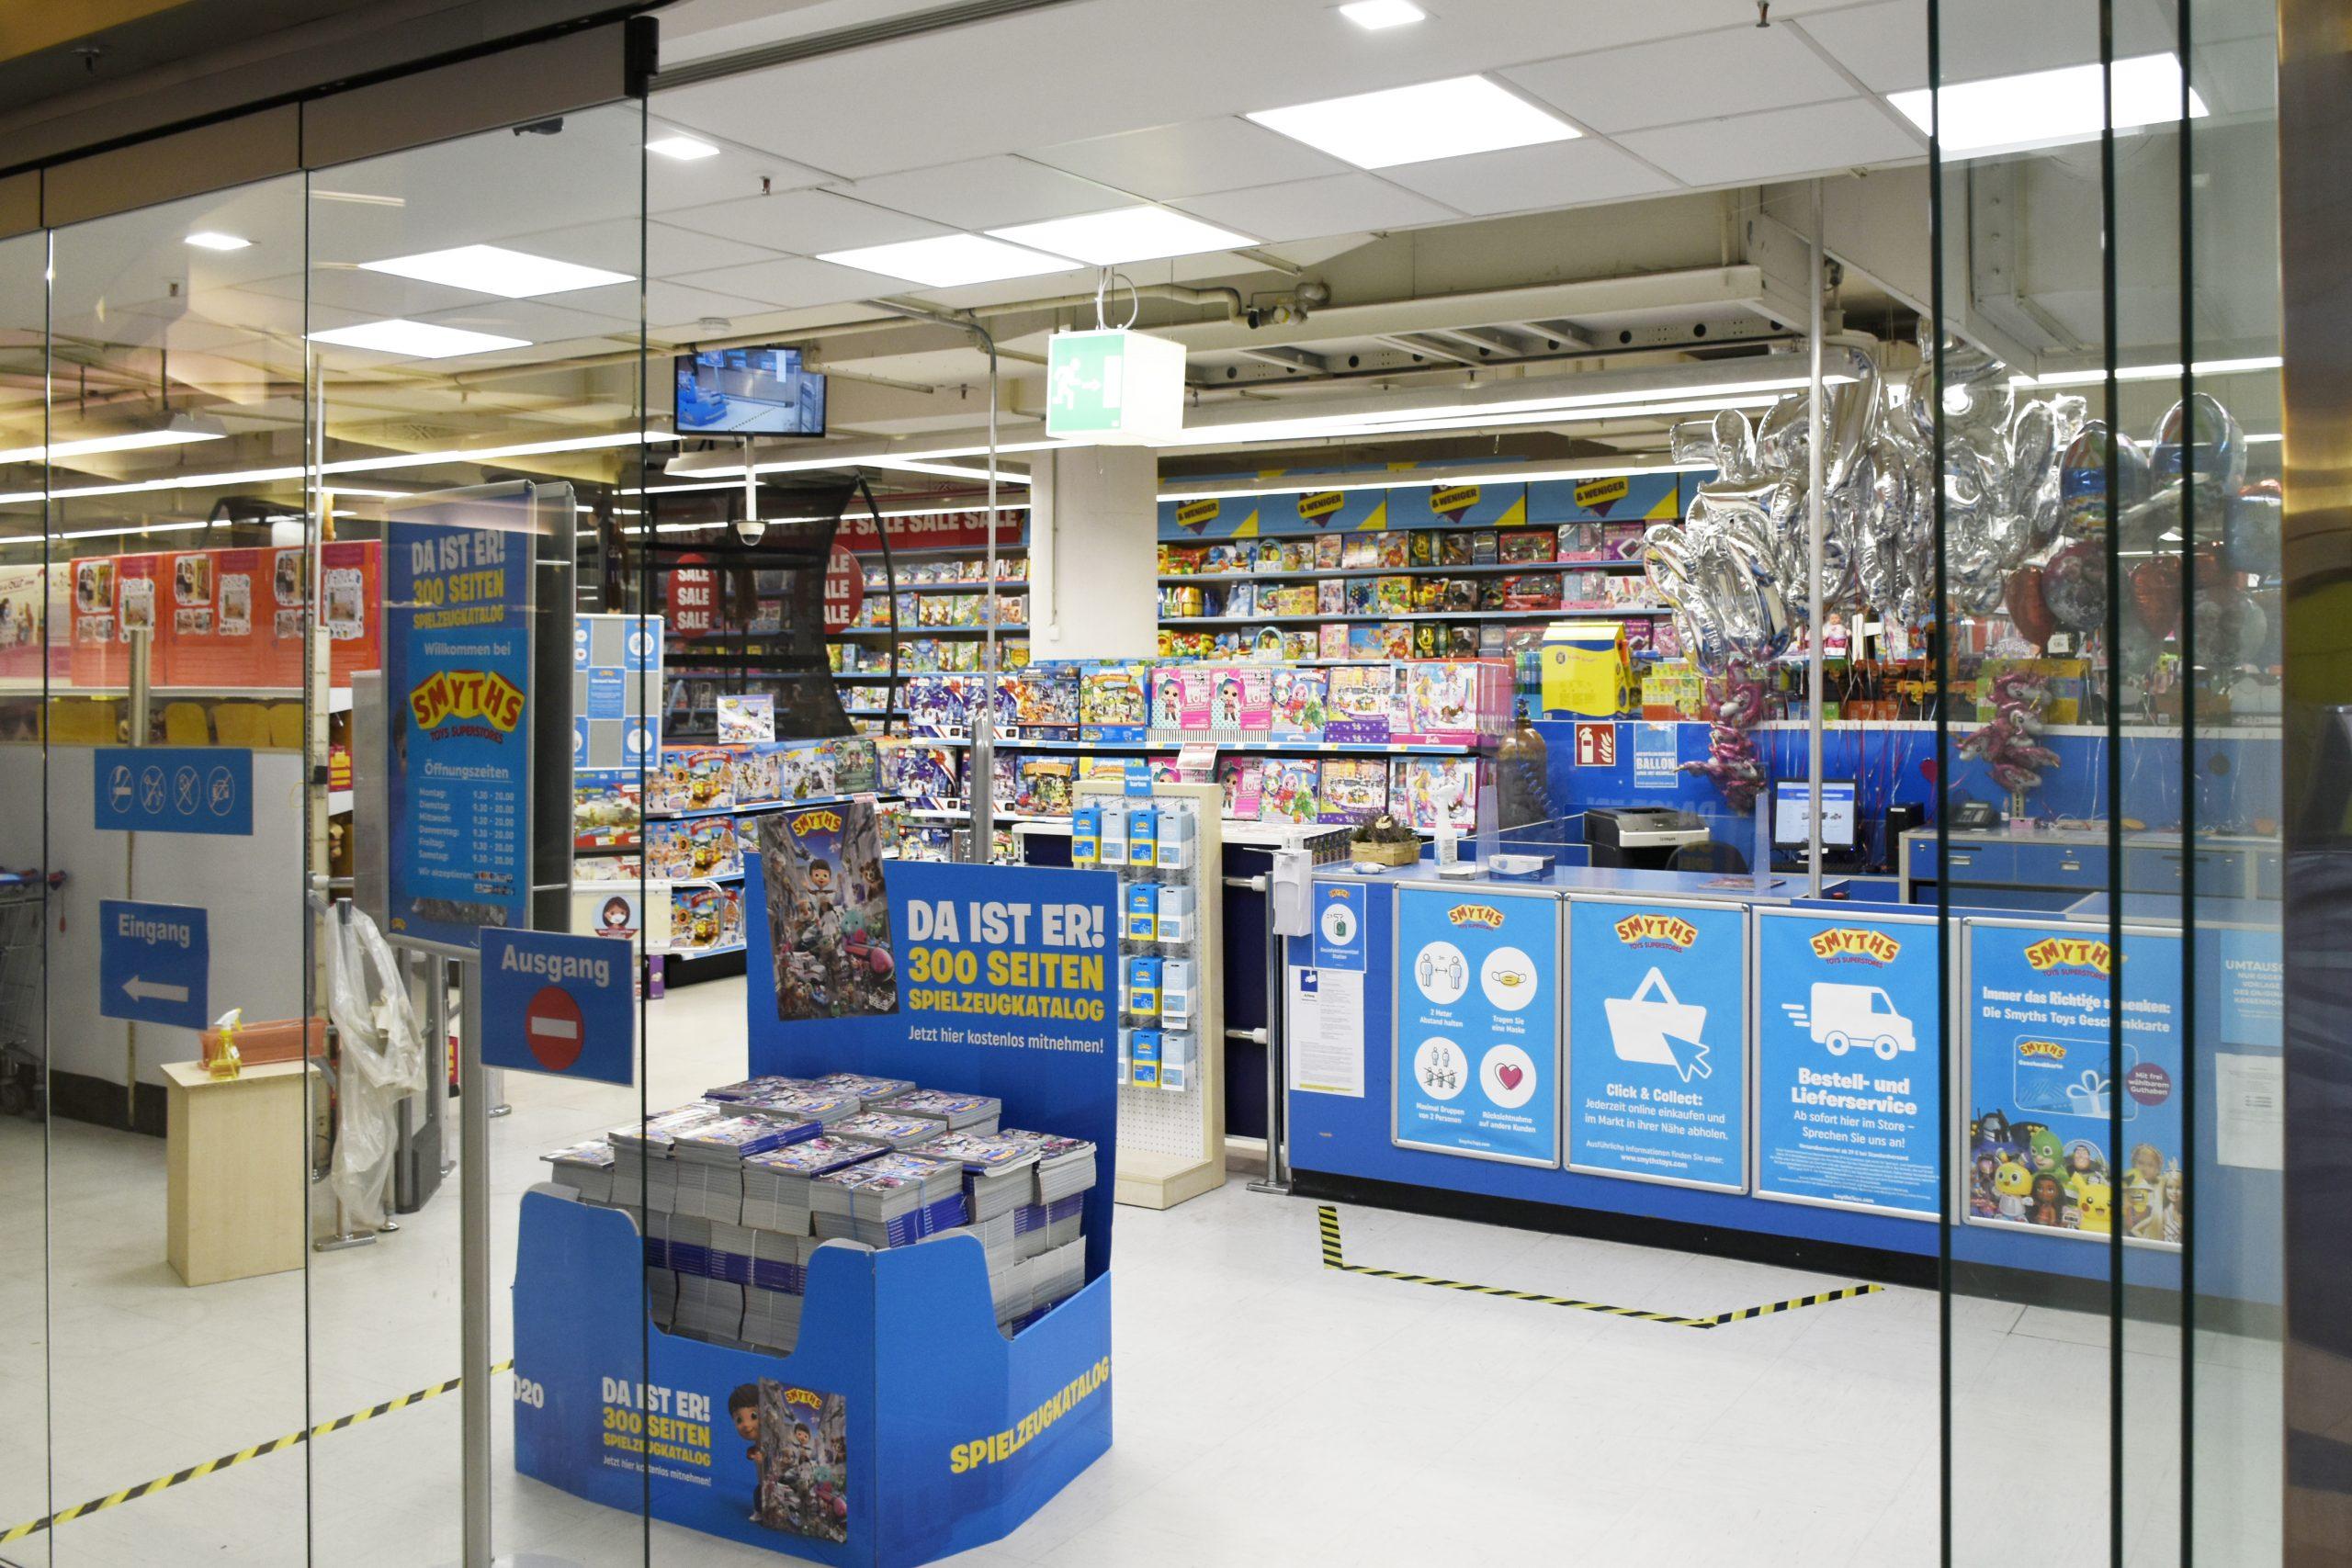 Einkaufszentrum Wuppertal Smyth Toys Superstores